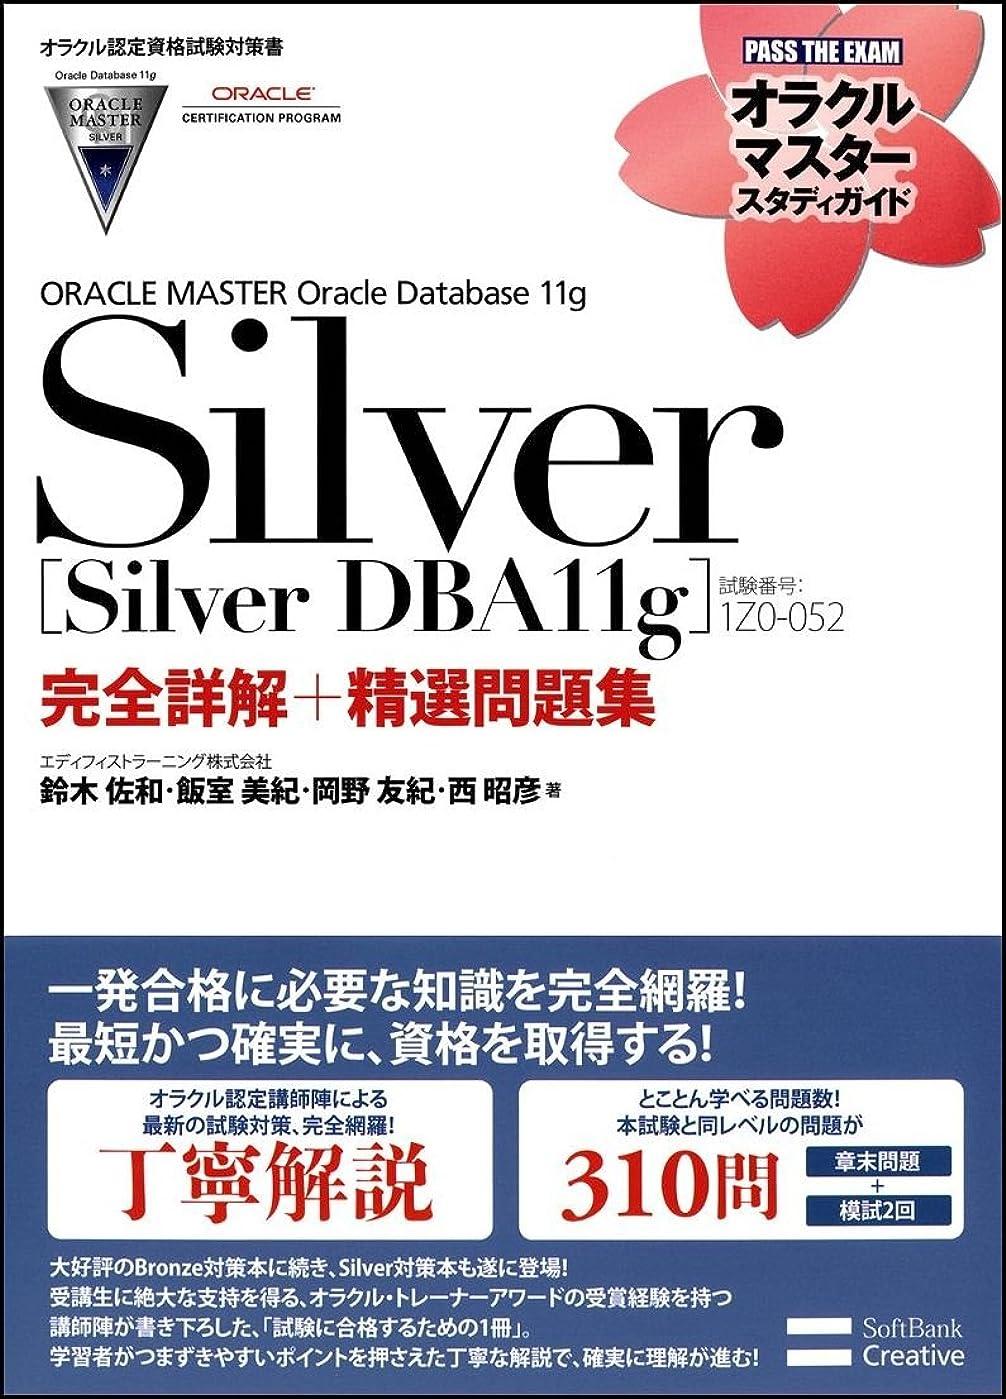 集団ガロン居眠りする【オラクル認定資格試験対策書】ORACLE MASTER Silver[Silver DBA11g](試験番号:1Z0-052)完全詳解+精選問題集 (オラクルマスタースタディガイド)